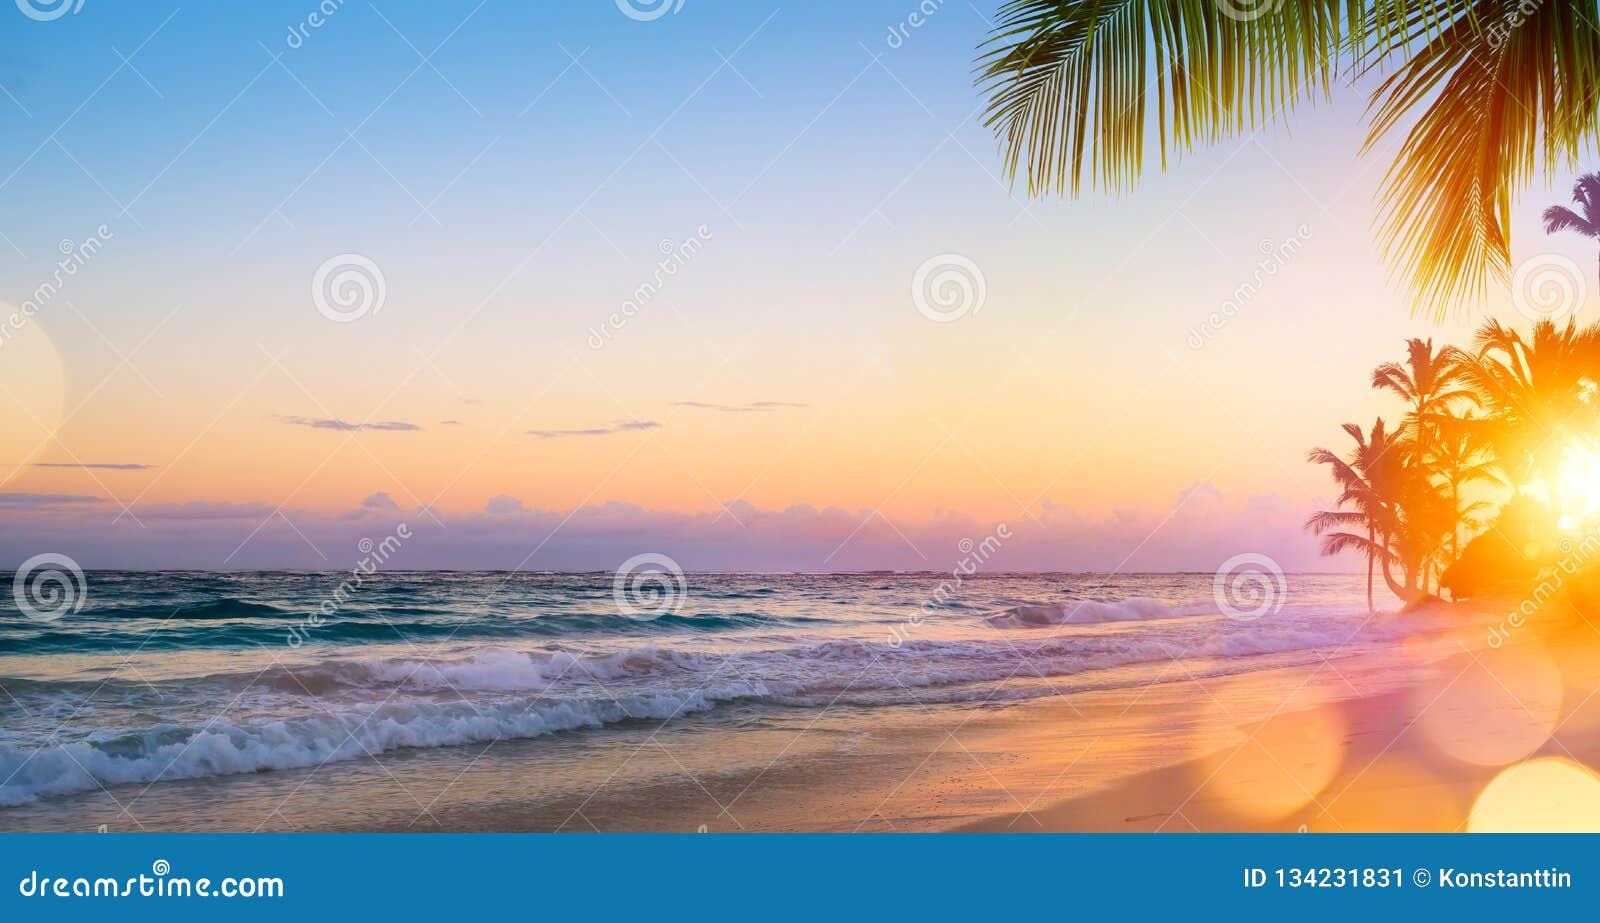 Sztuka Piękny wschód słońca nad tropikalną plażą